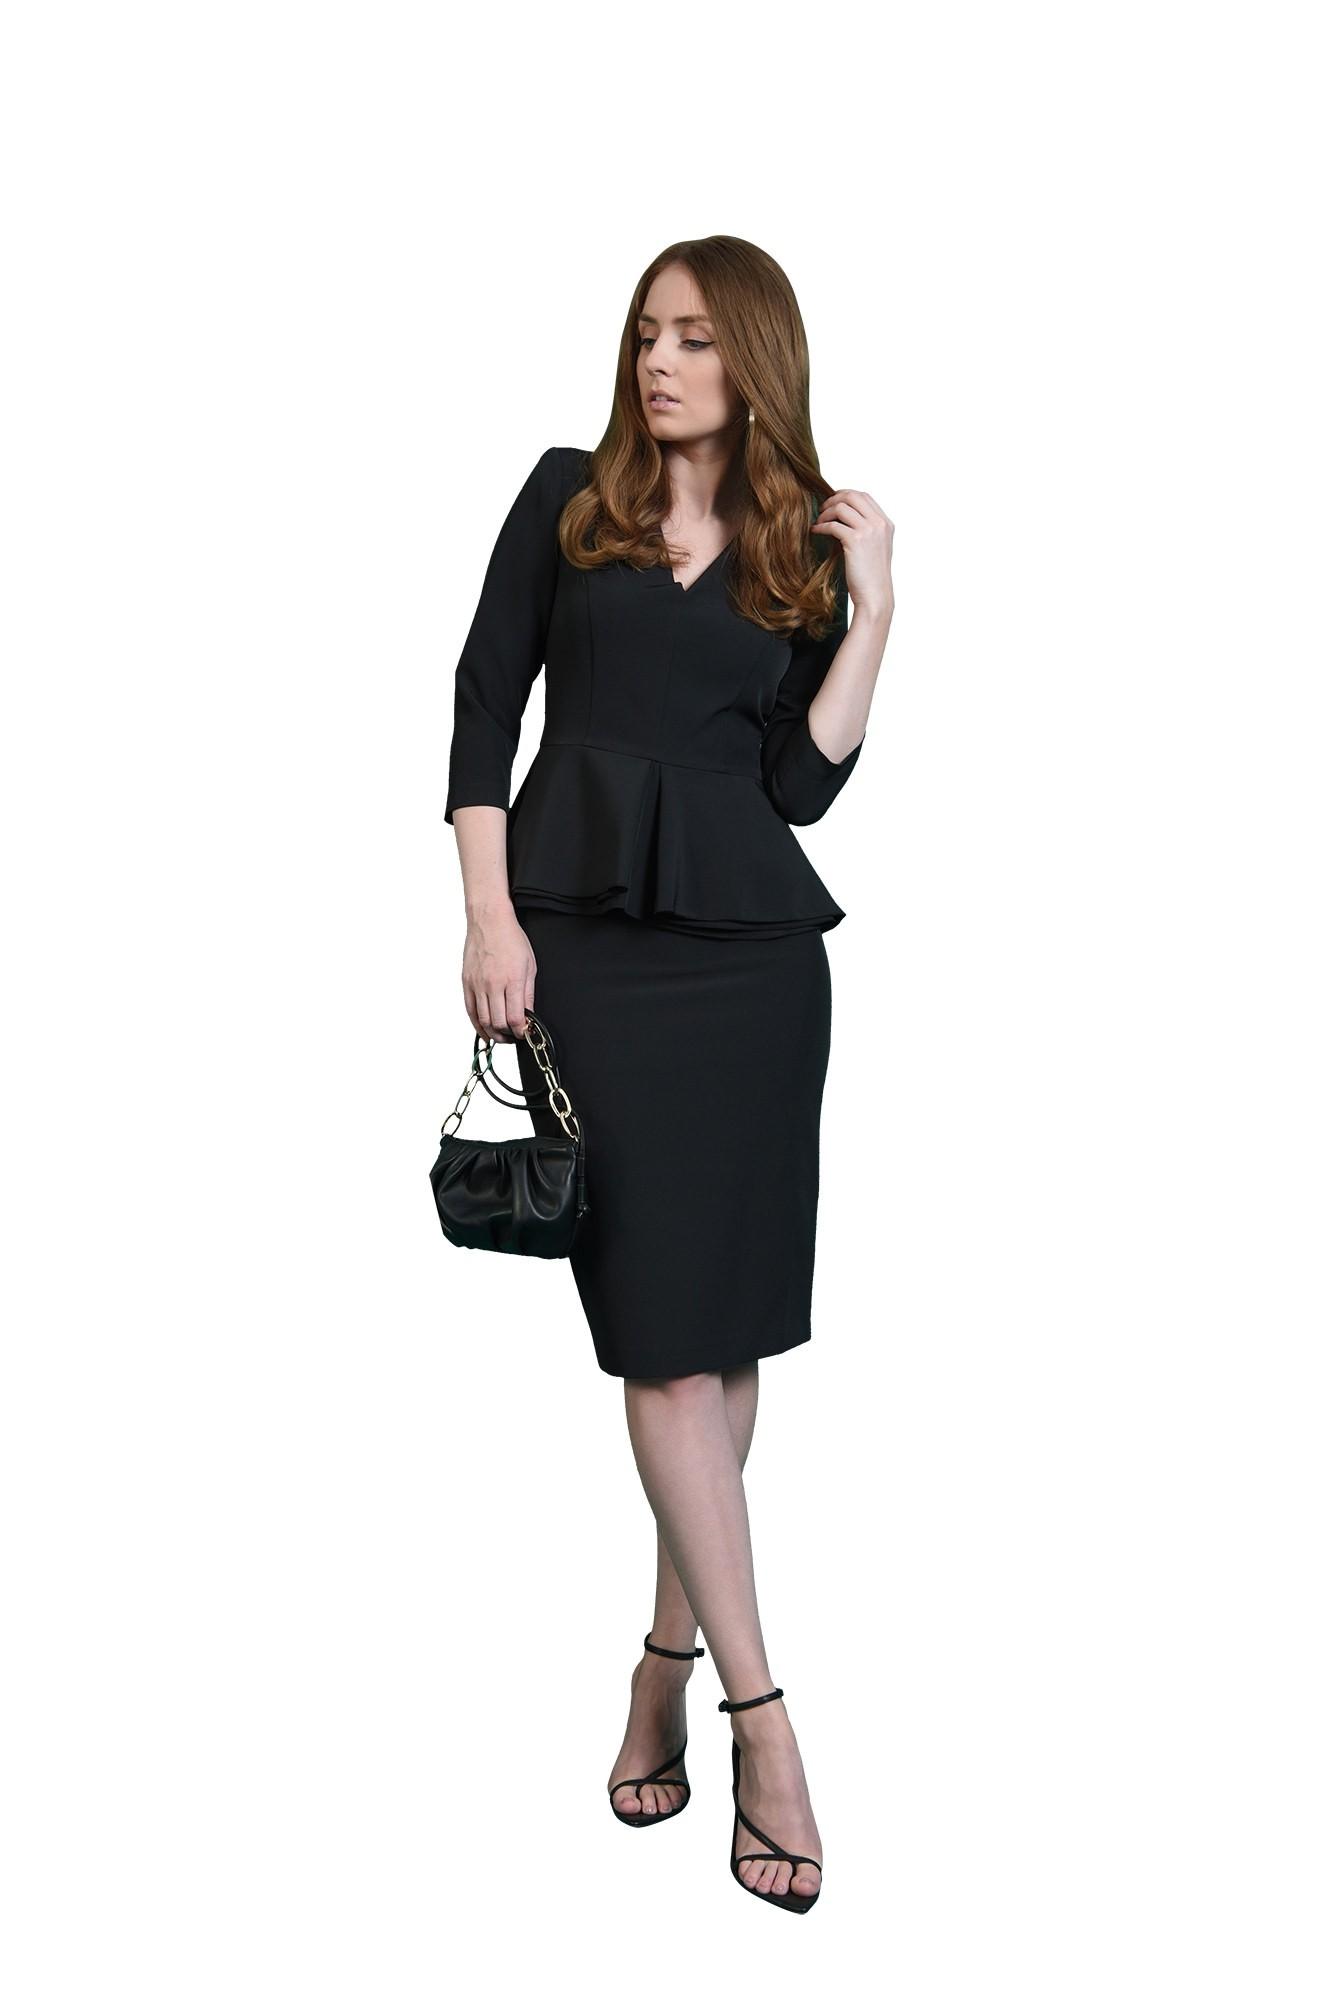 3 - compleu negru, office, cu fusta midi